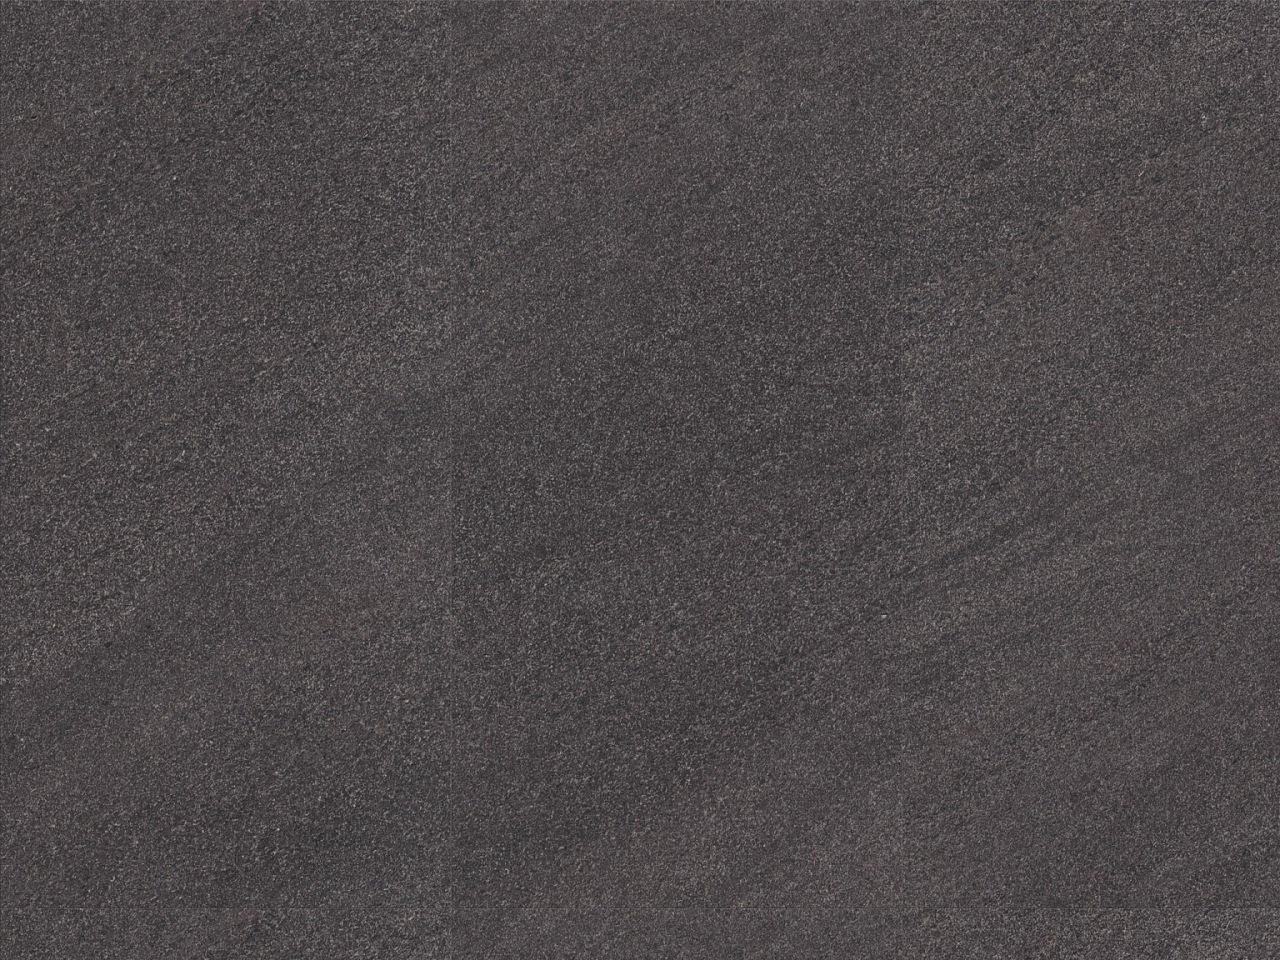 Designbelag Alesso stone – Granit Westerlo, 324009